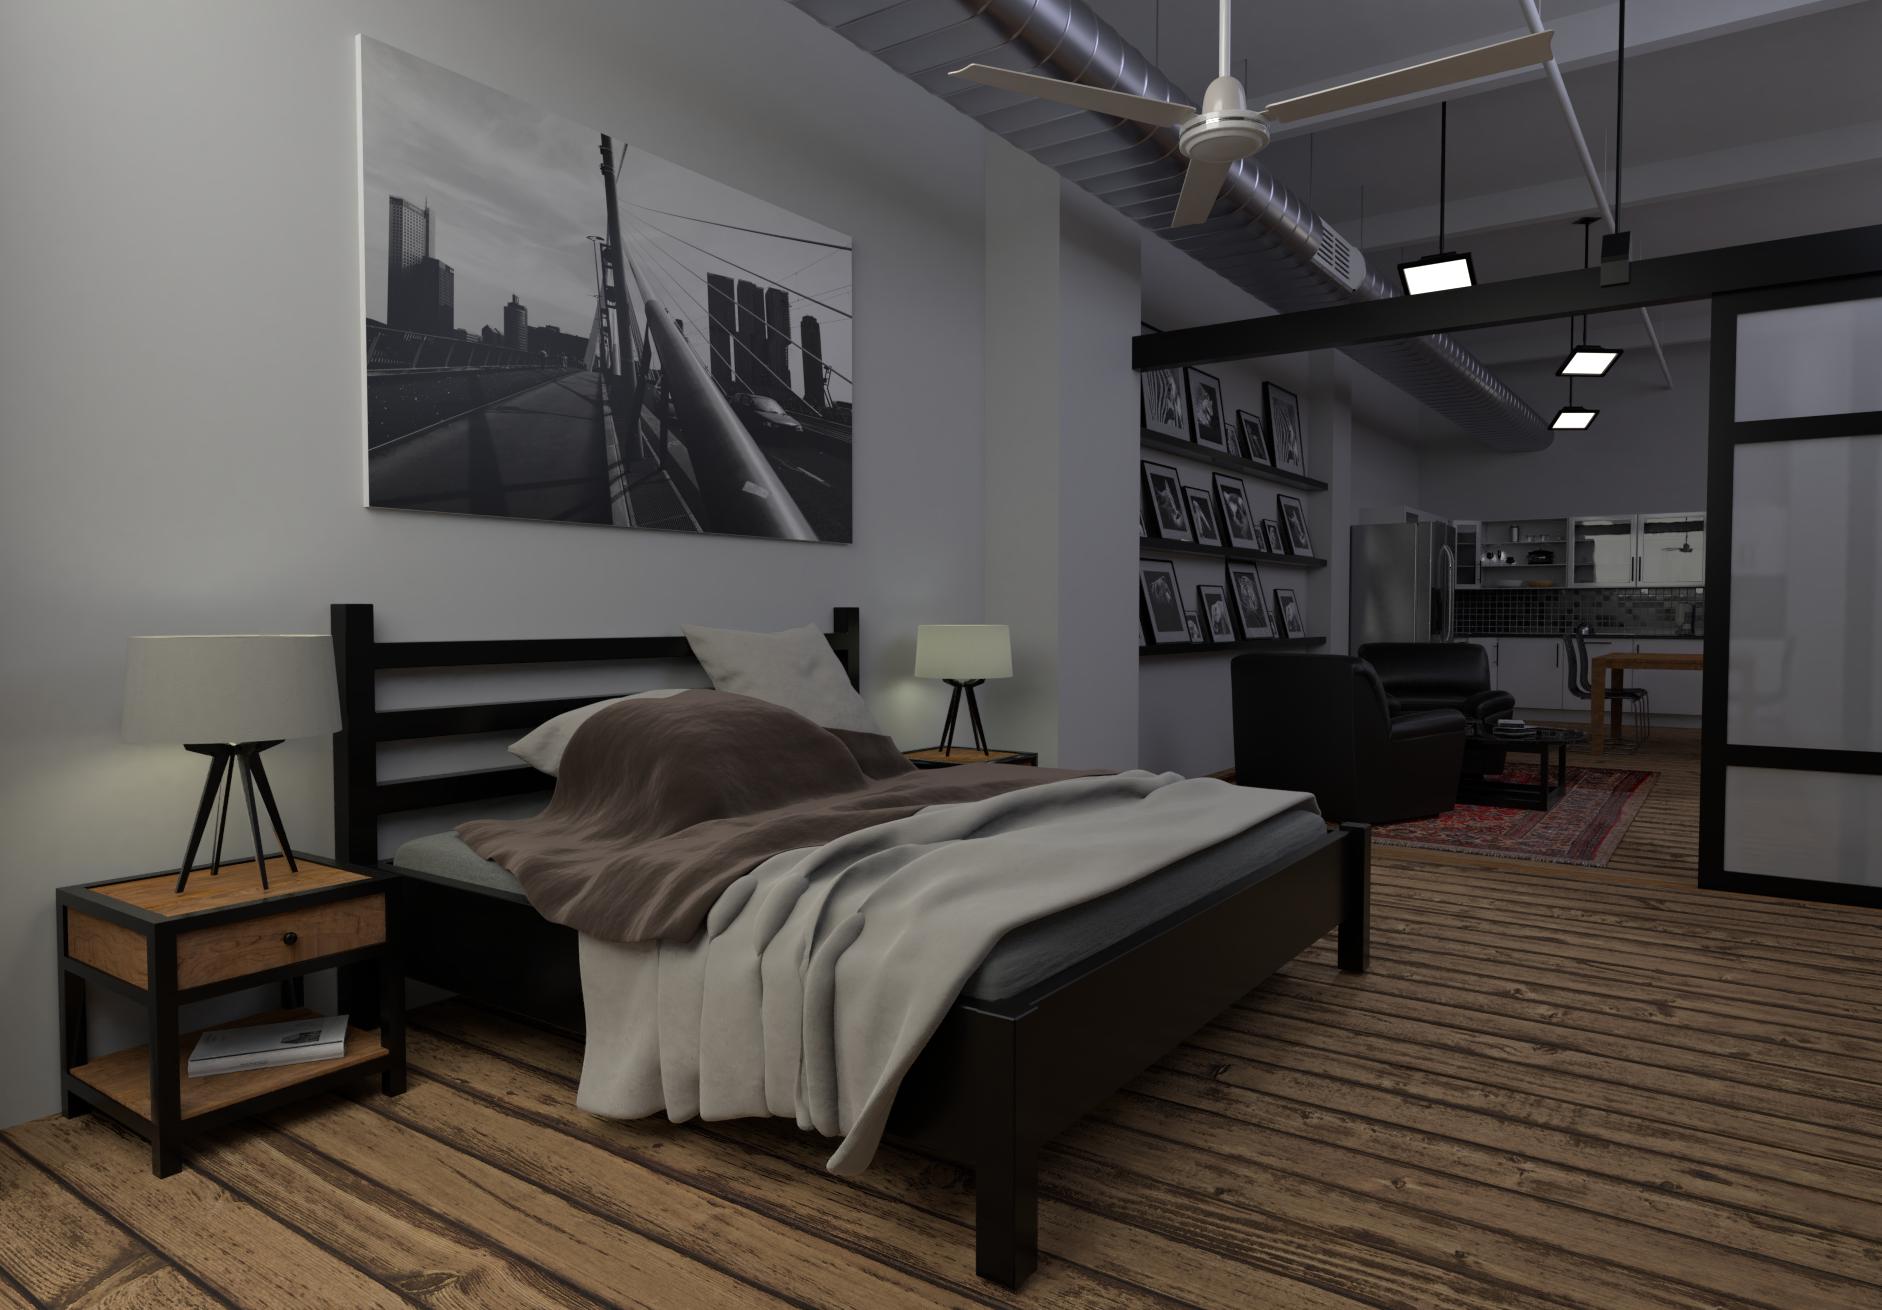 Loftwohnung - Schlafzimmer